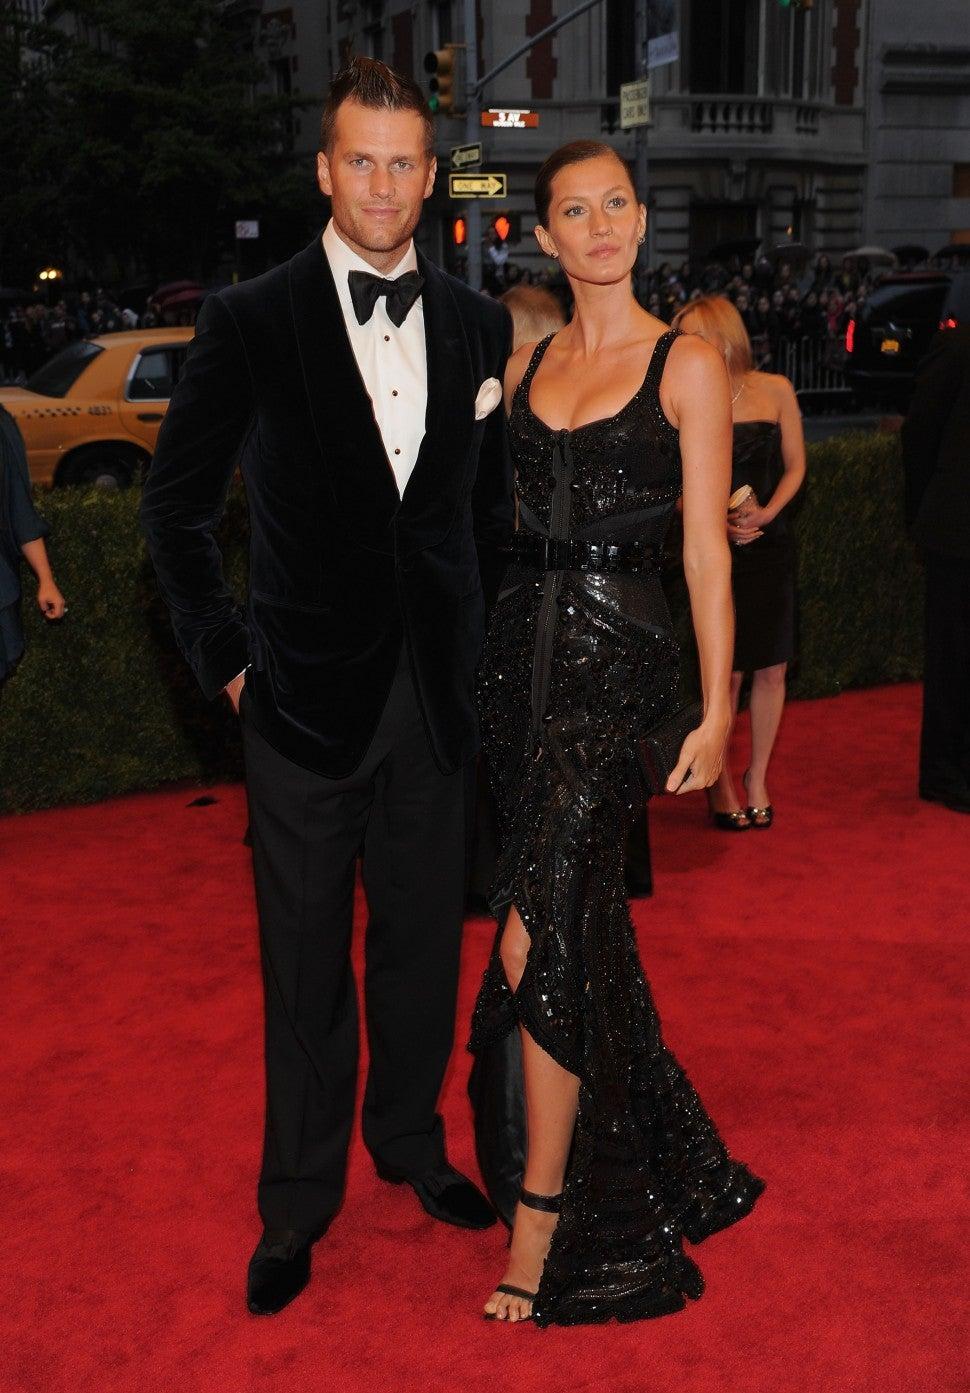 Tom Brady and Gisele Bundchen attend the